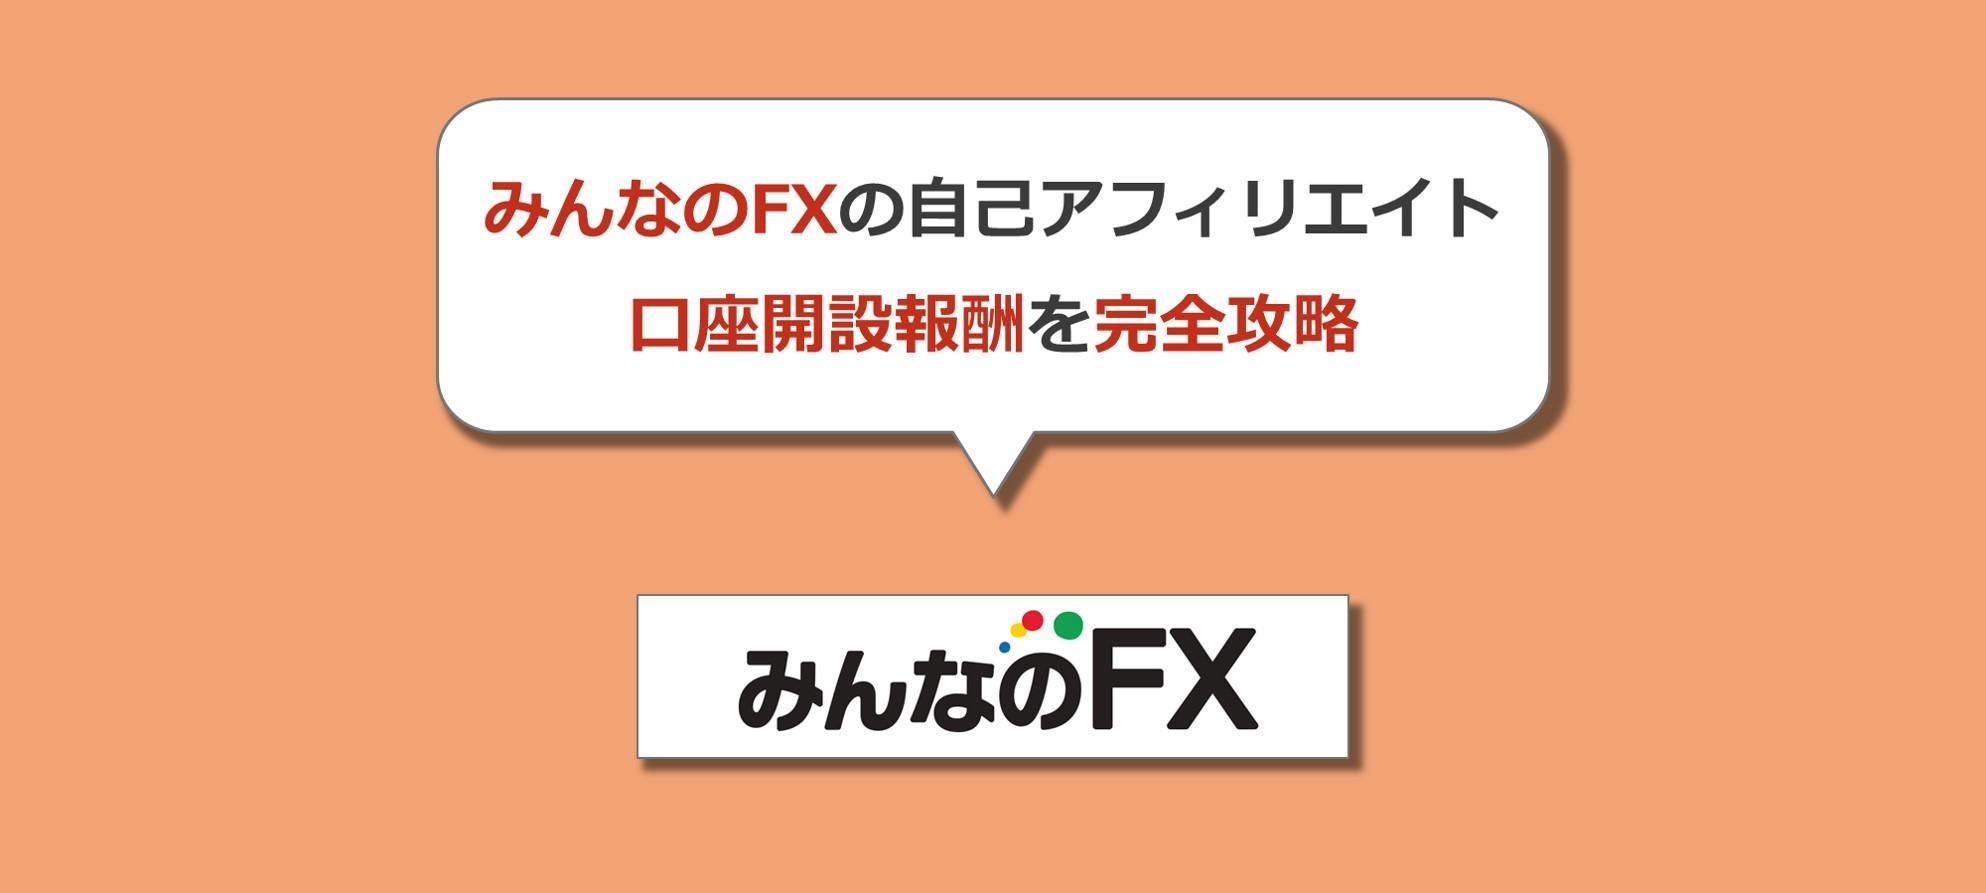 【自己アフィリエイト】みんなのFXで報酬を受取る具体的な取引手順